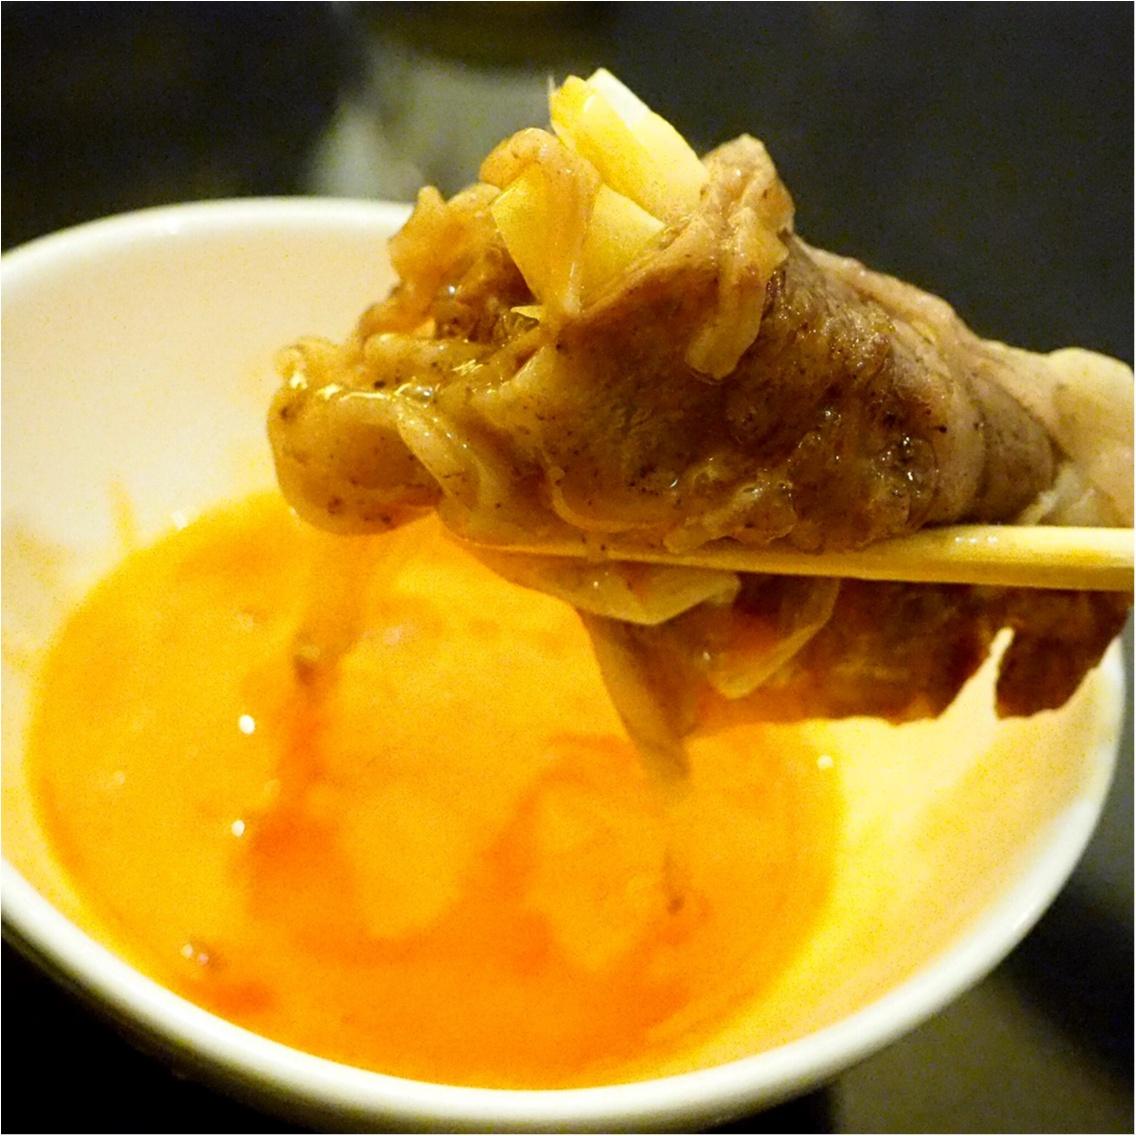 暑い夏こそ食べなきゃ♡塩すき鍋は特製の氷ダレをのせてさっぱりとした味わい_10